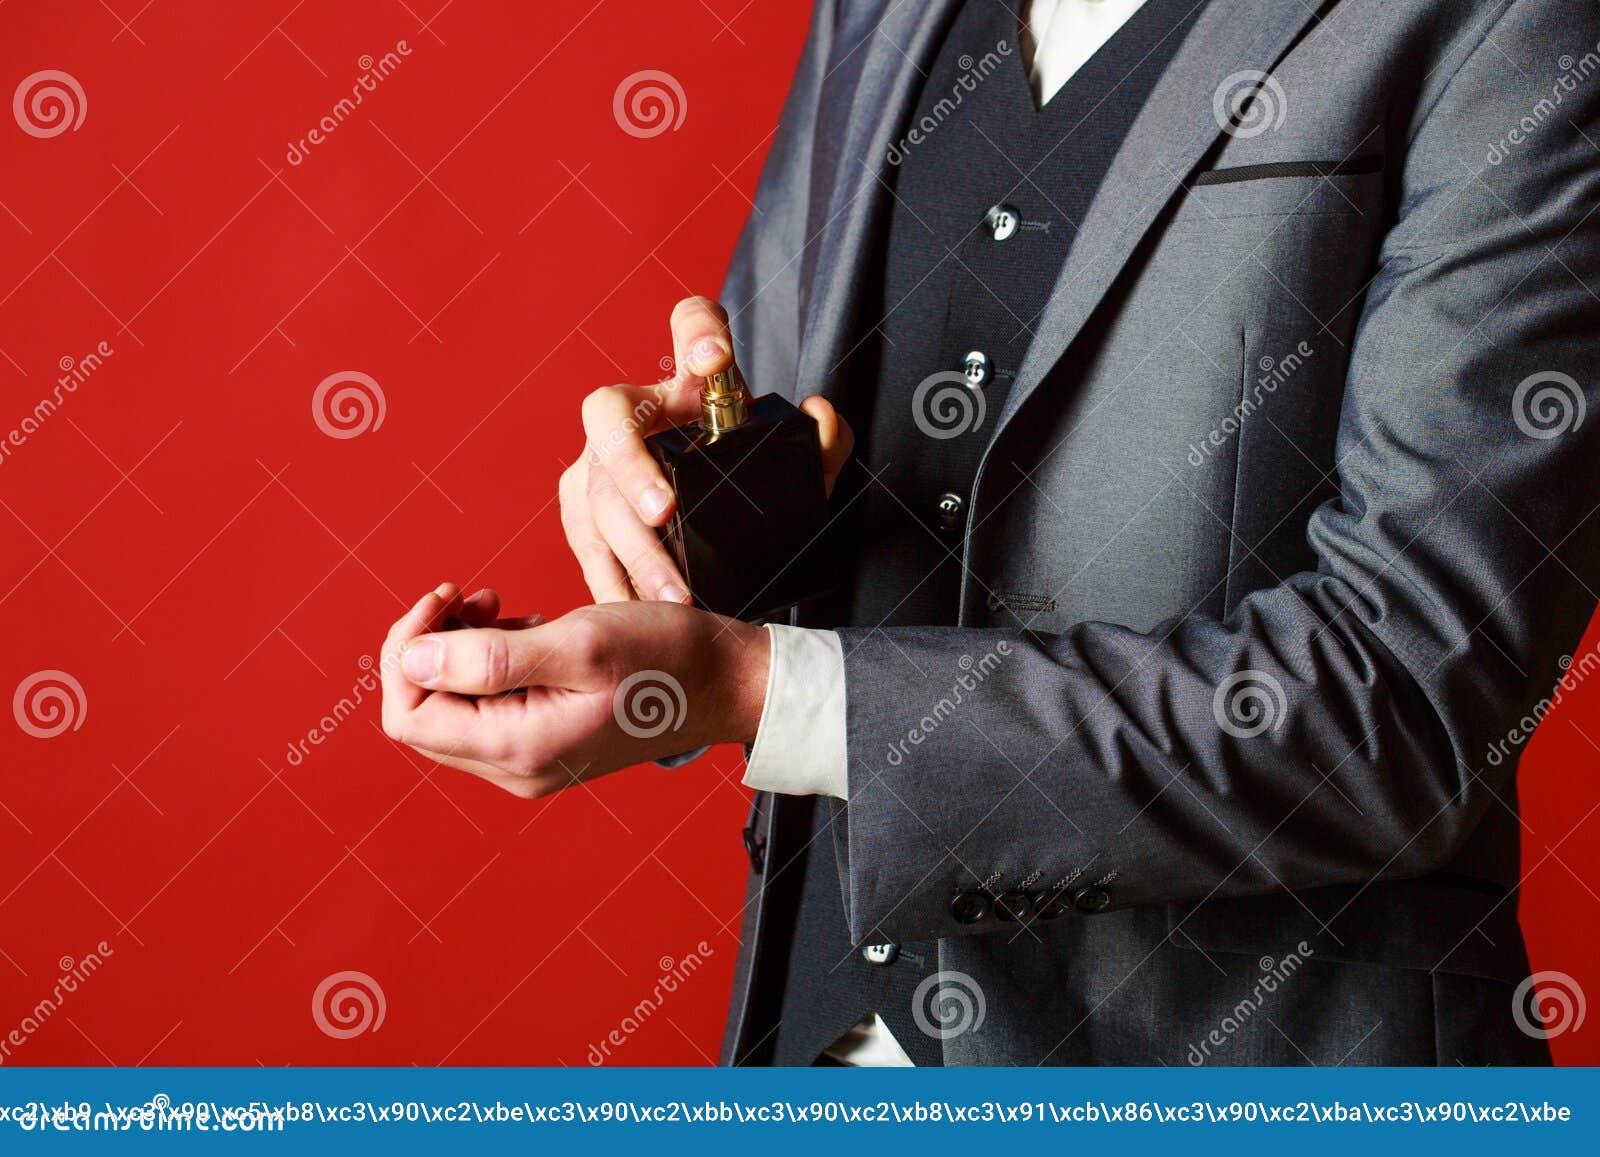 Άρωμα ατόμων, άρωμα Αρσενικό άρωμα Άρωμα ή μπουκάλι της Κολωνίας Αρσενικό άρωμα και αρωματοποιία, καλλυντικά φορέων